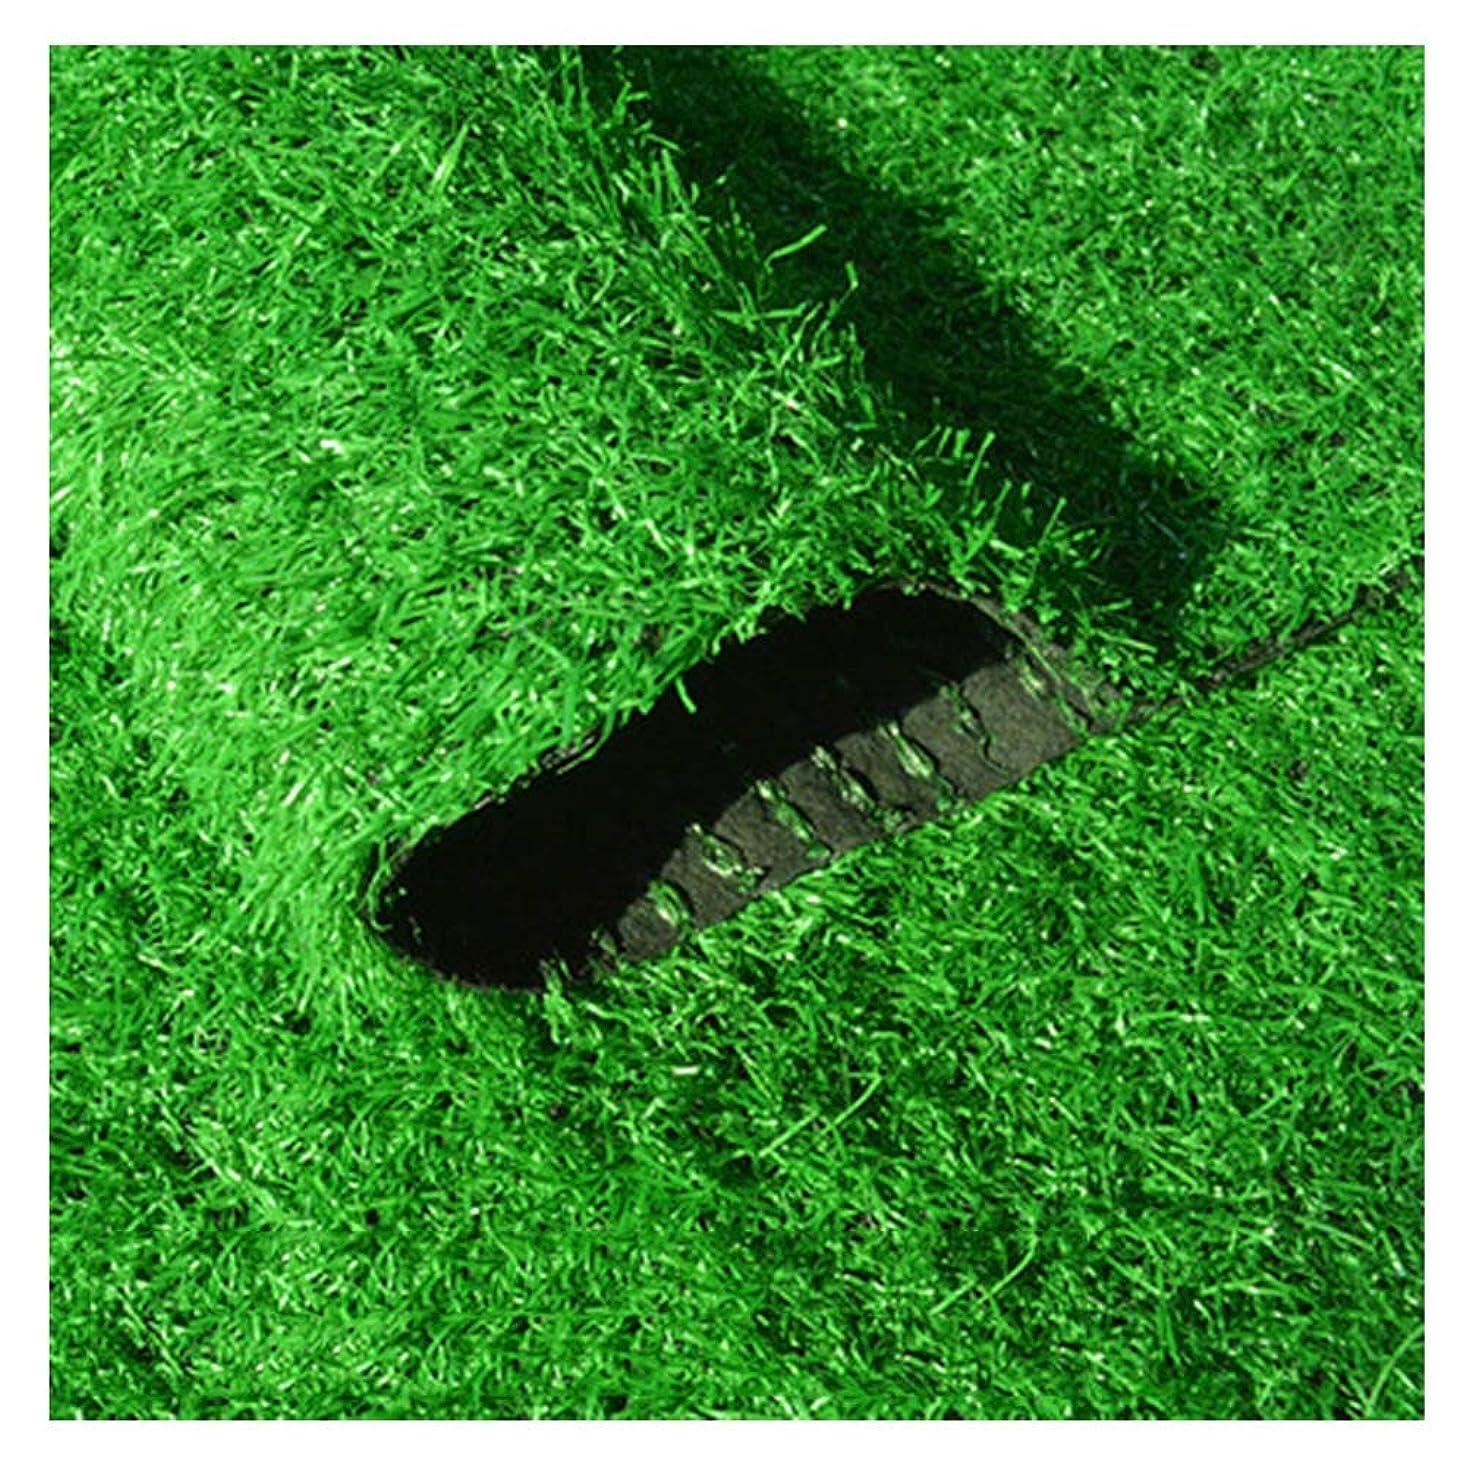 資格情報参加者配管YNGJUEN 人工芝芝生高25 mm高密度休日芝生芝生庭ペット犬パッド庭ペット屋外装飾 (Size : 2x7m)